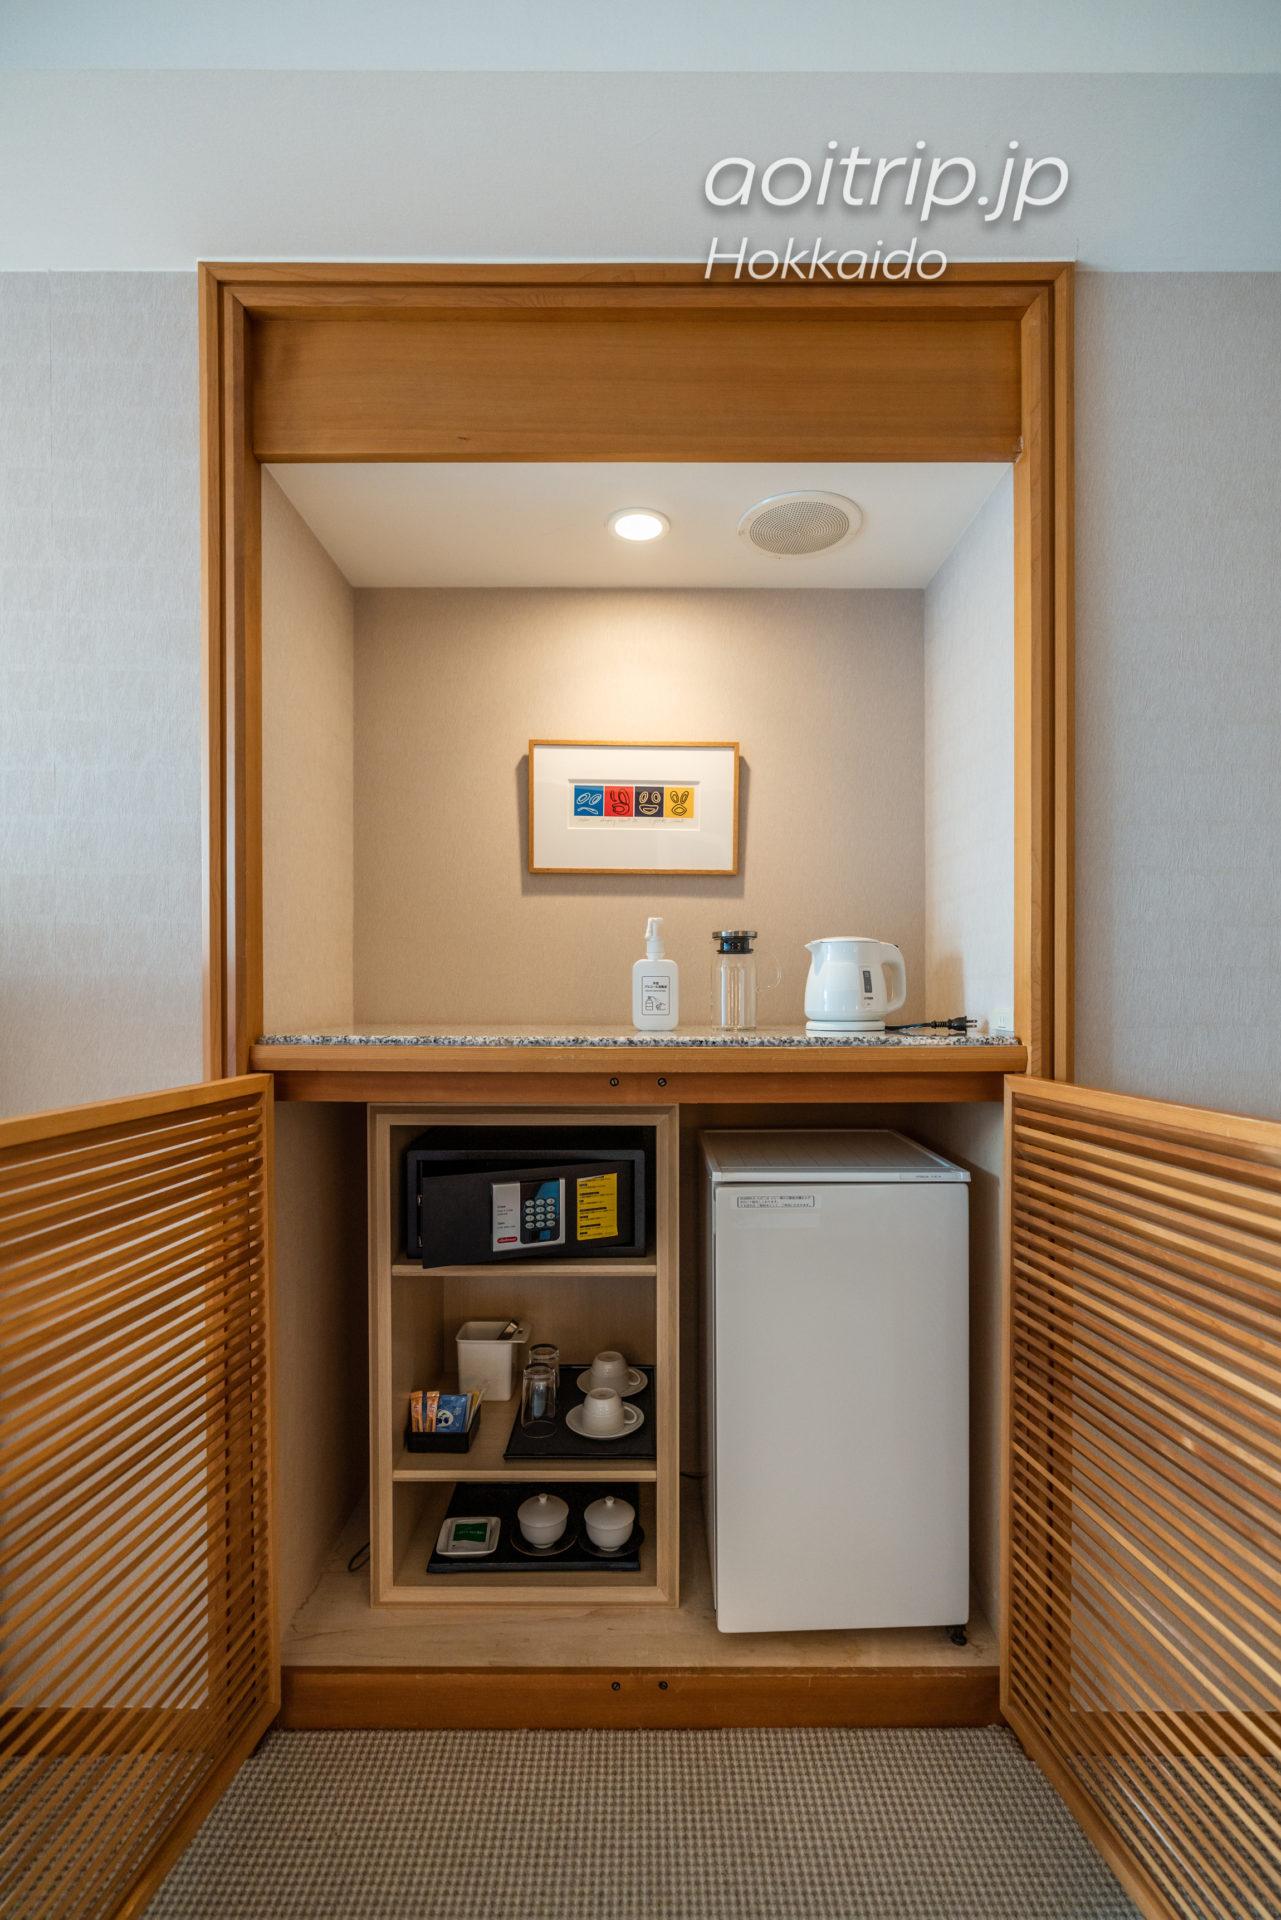 星野リゾート リゾナーレトマム 宿泊記|Hoshino Risonare Tomamu スイートツインルームの客室